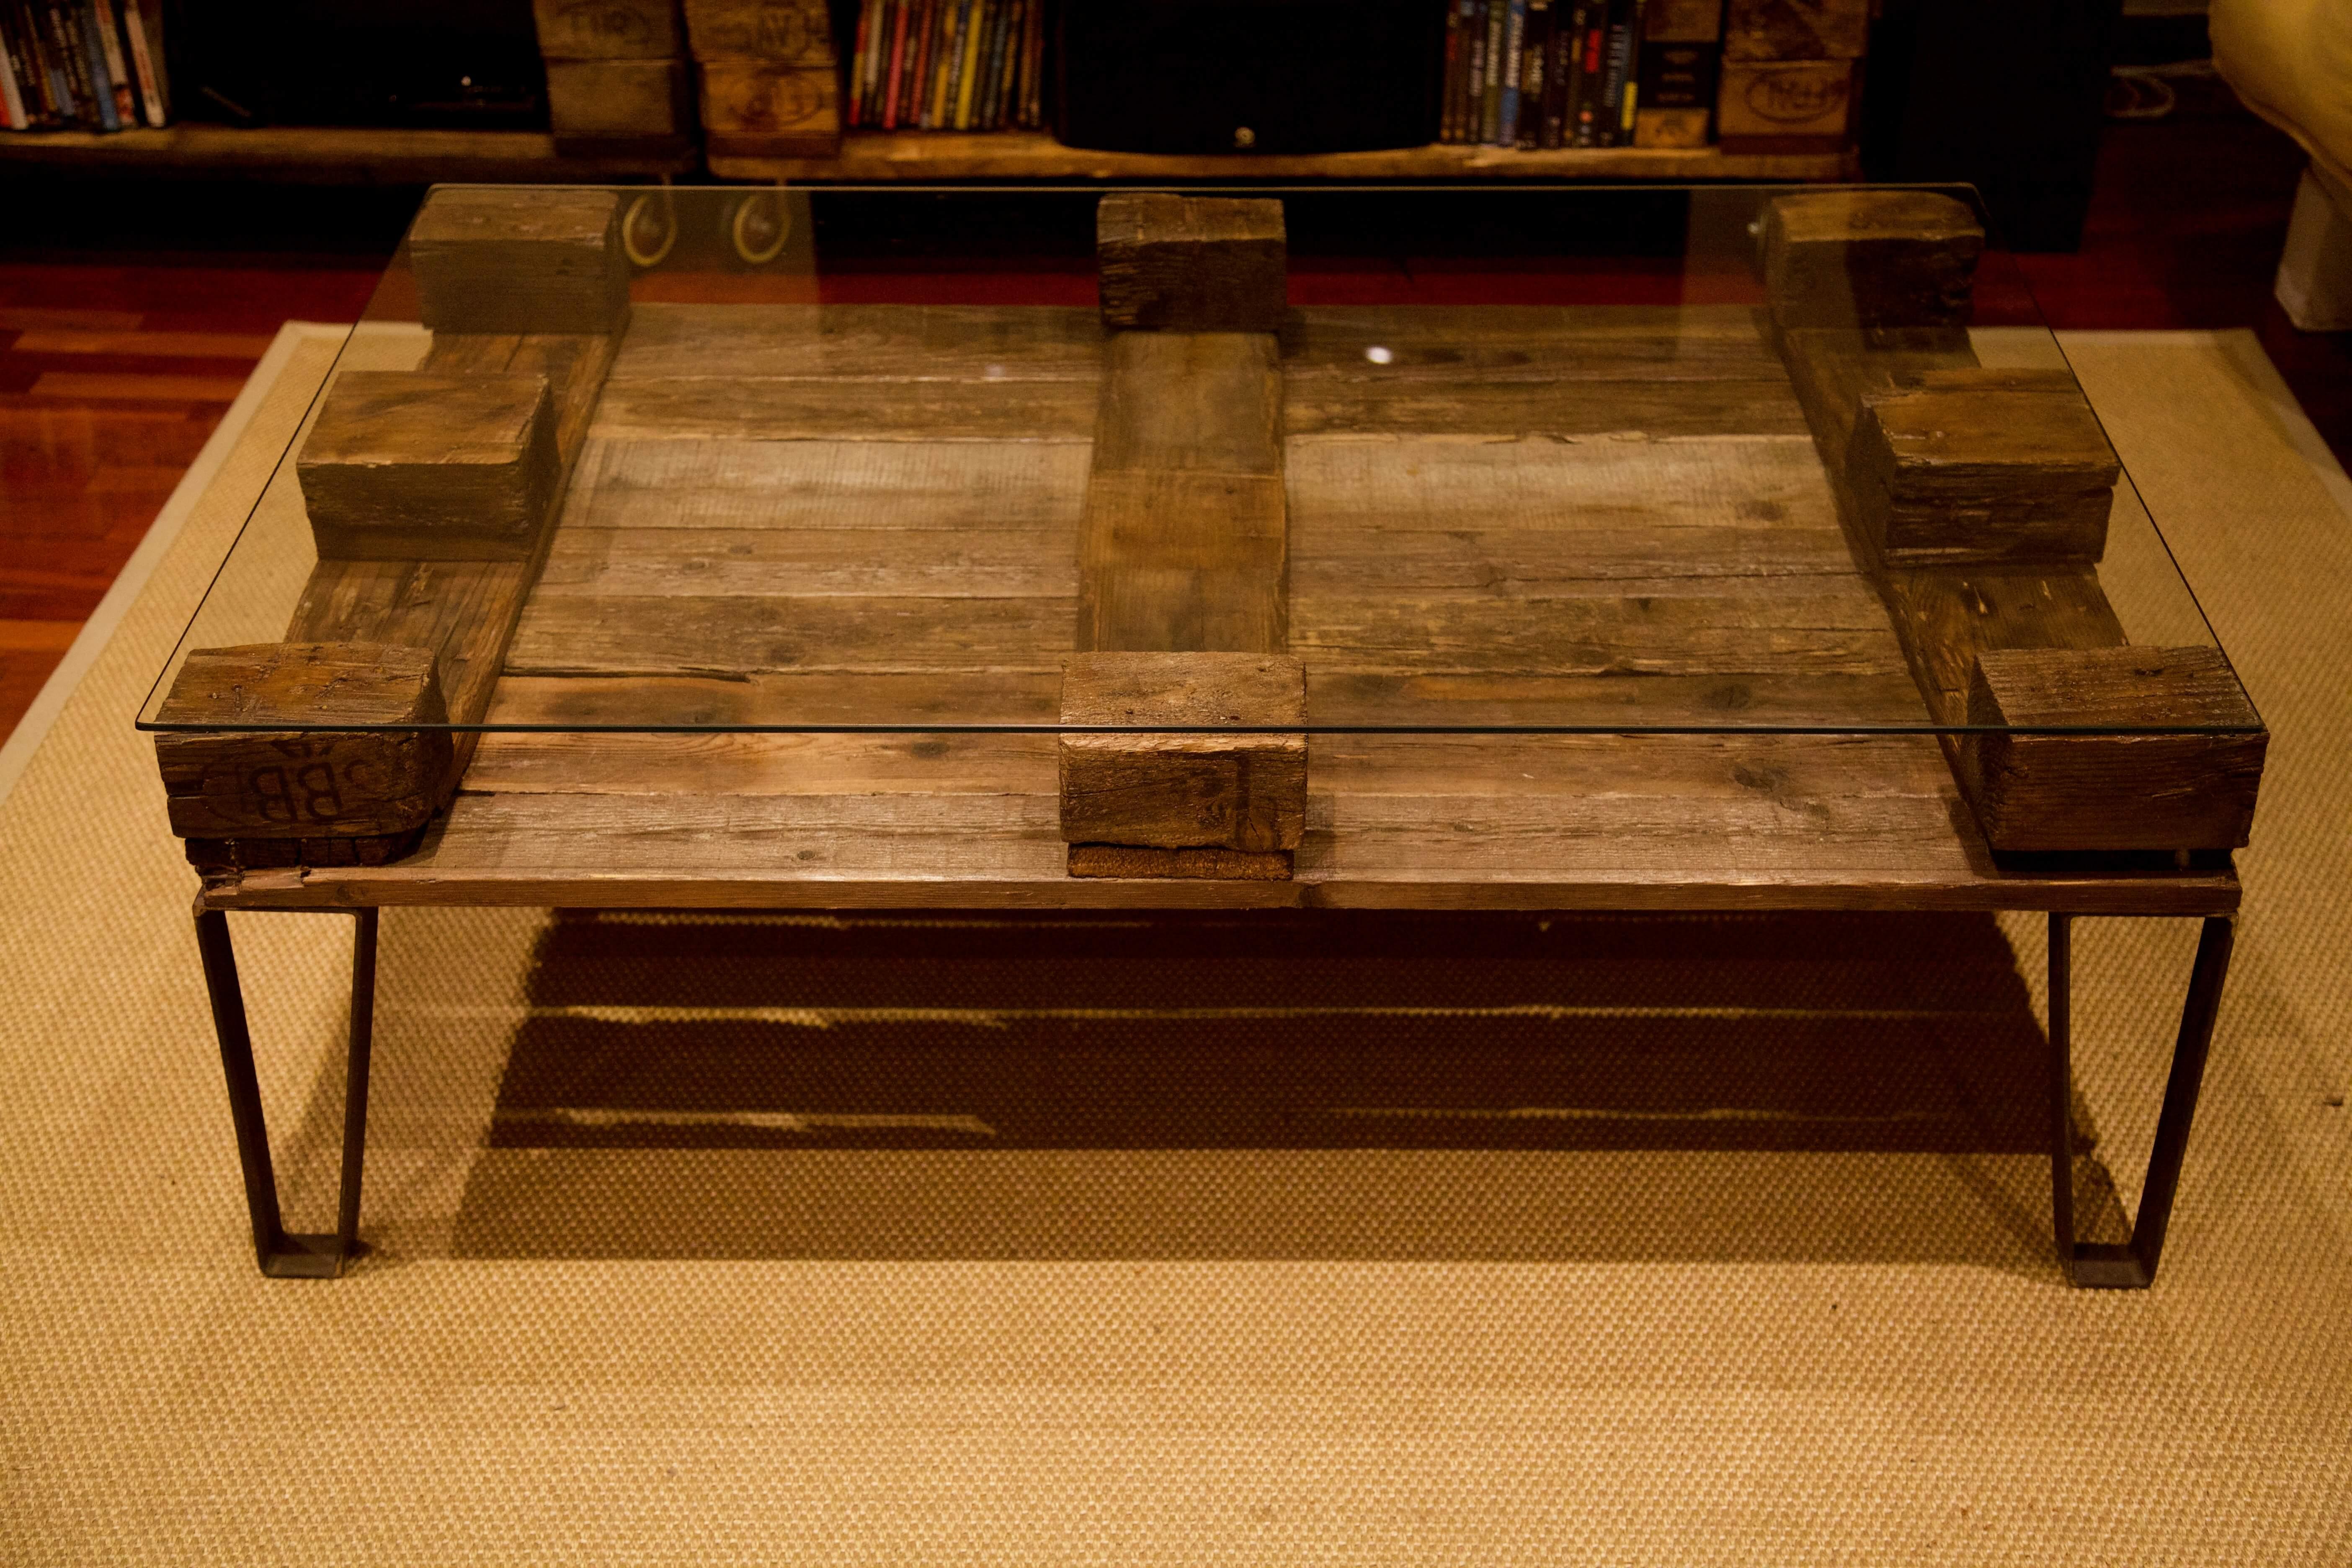 detalle lateral de la mesa hecha con palets y patas de hierro